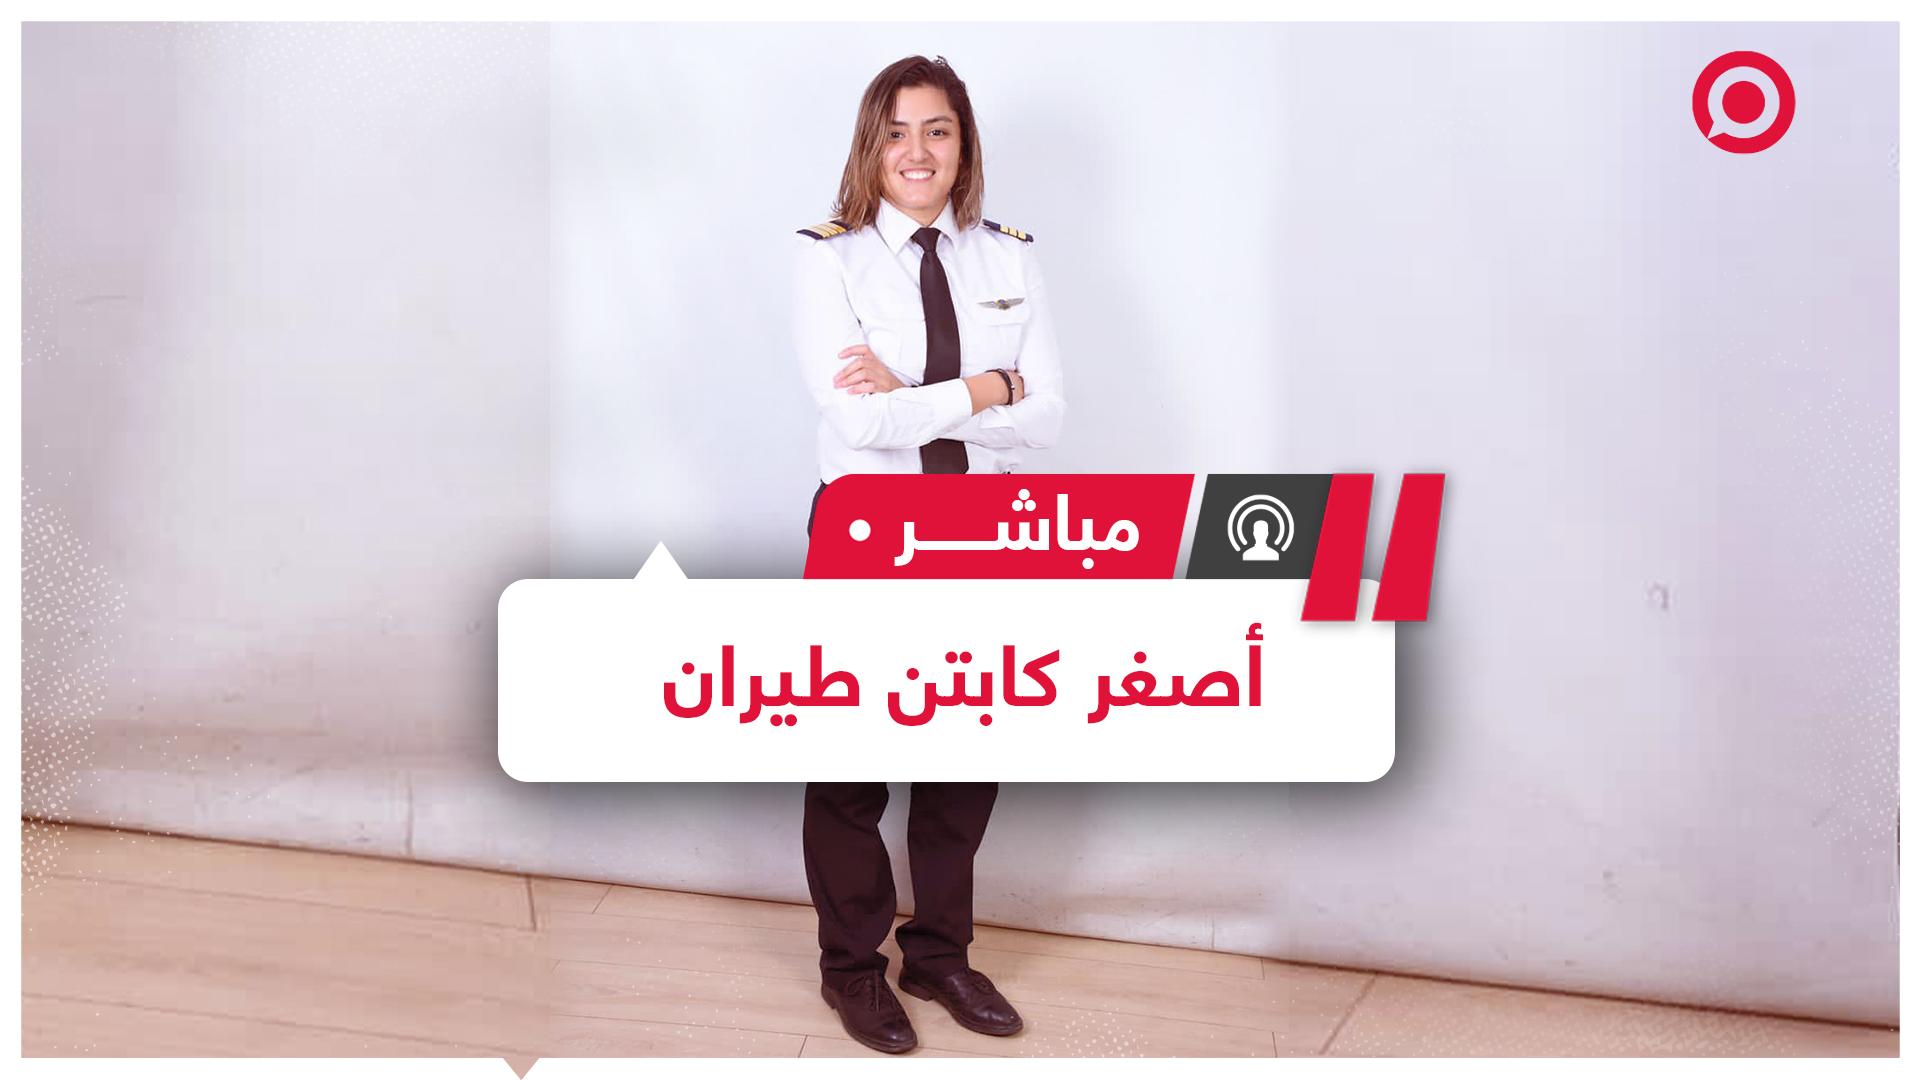 نورين وائل.. أصغر كابتن تتخرج في أكاديمية الطيران المصرية